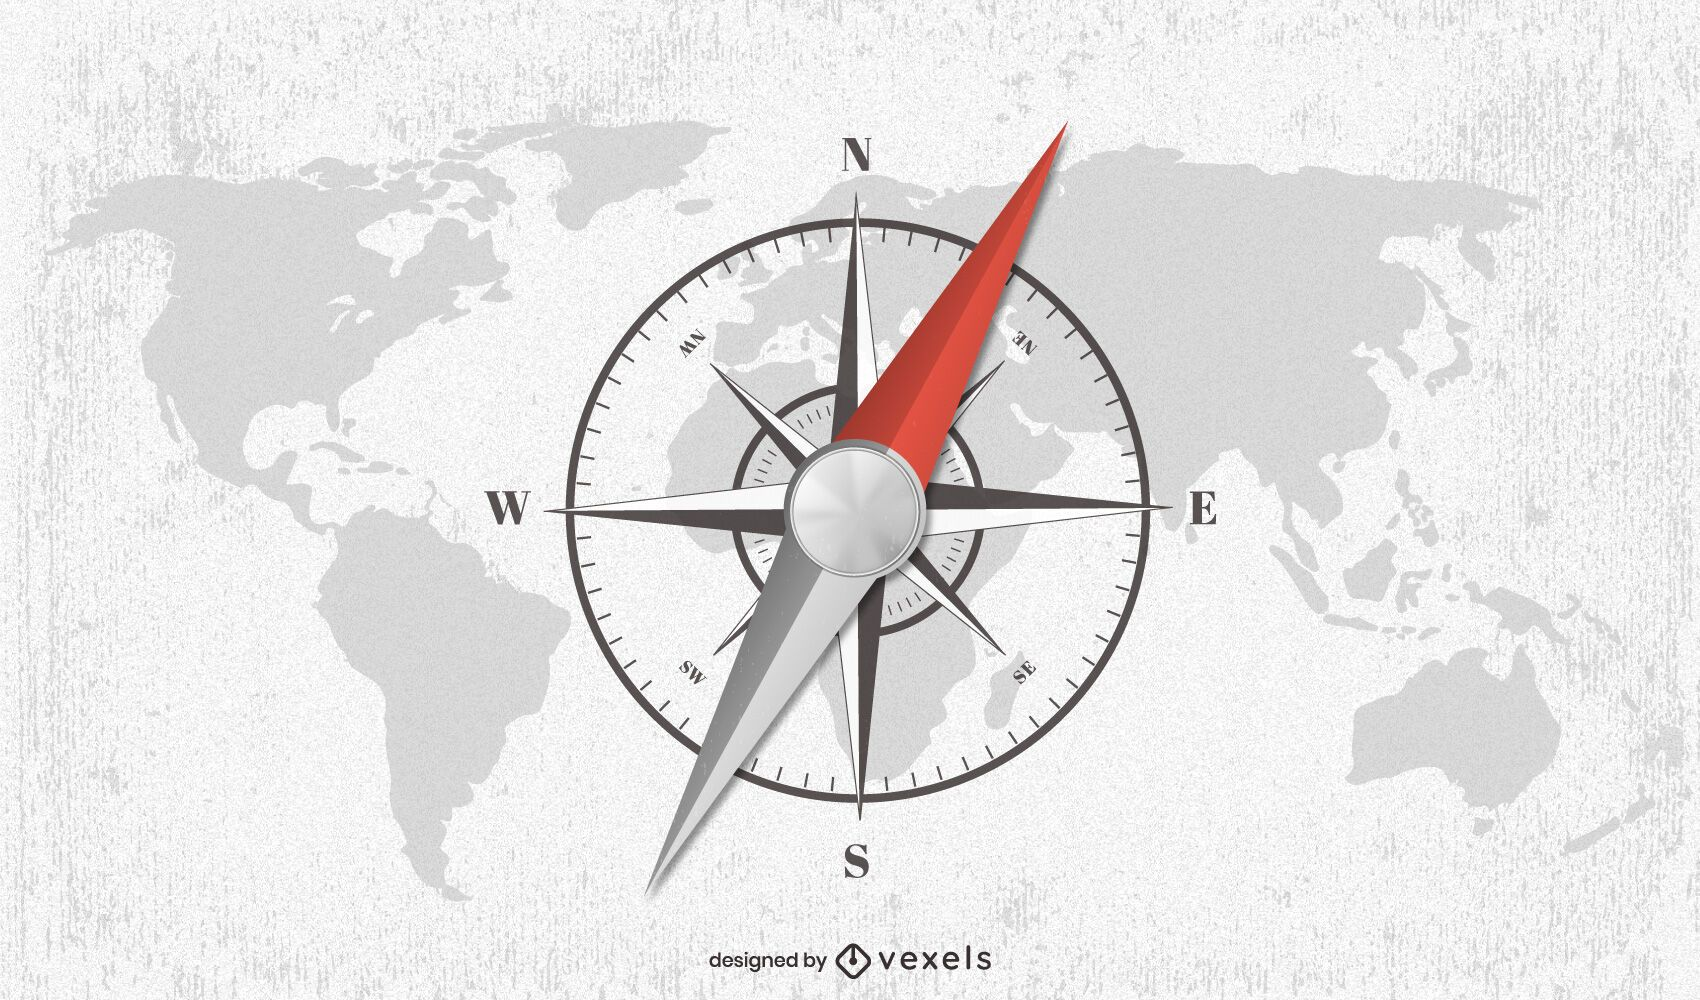 Diseño de ilustración de mapa mundial de brújula